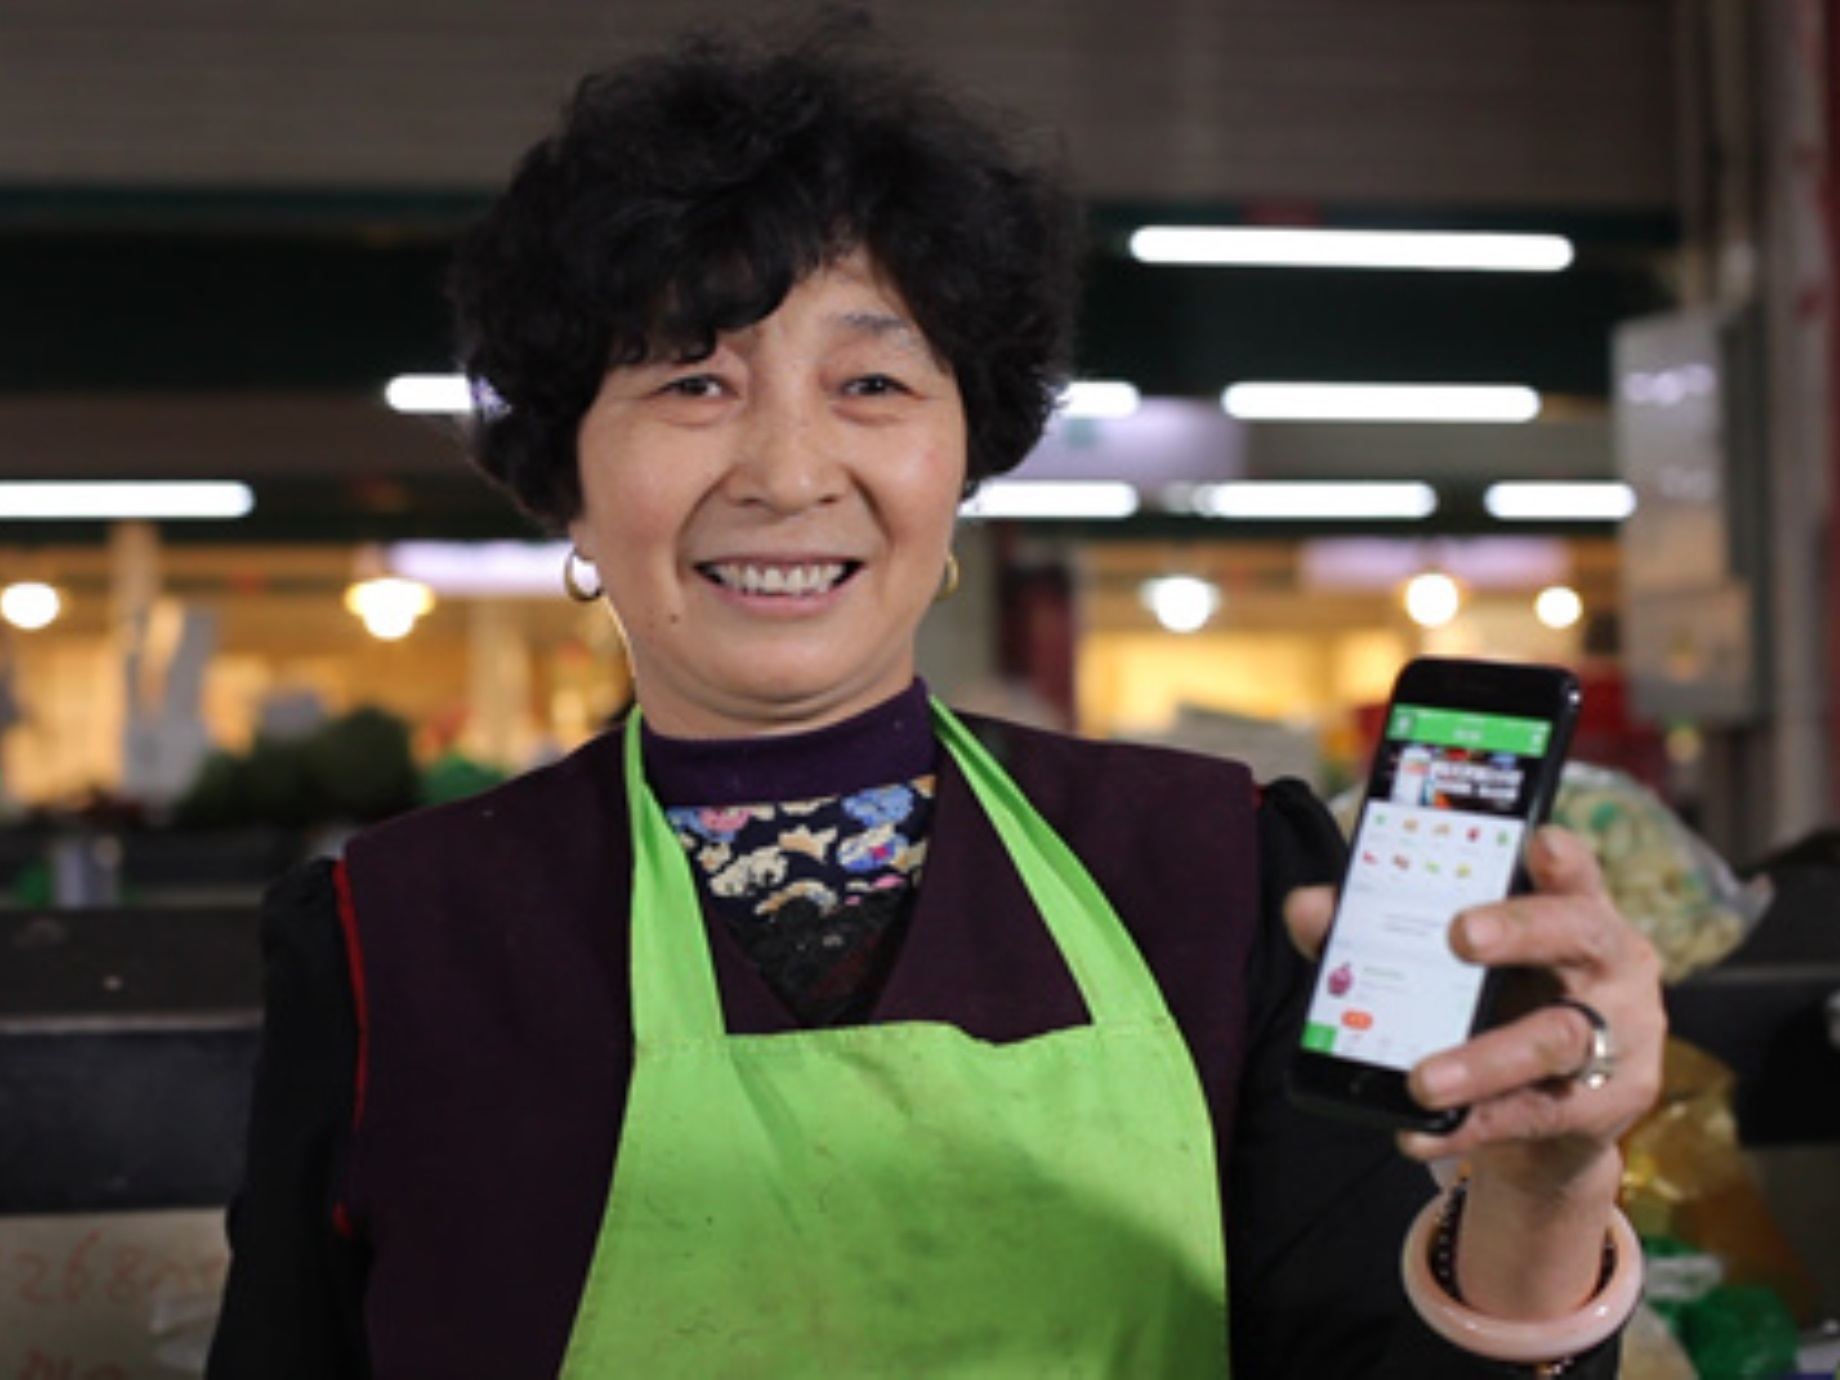 不當快馬,只做慢牛!生鮮電商宋小菜靠「以銷定採」B2B模式,目標成為中國生鮮分銷骨幹